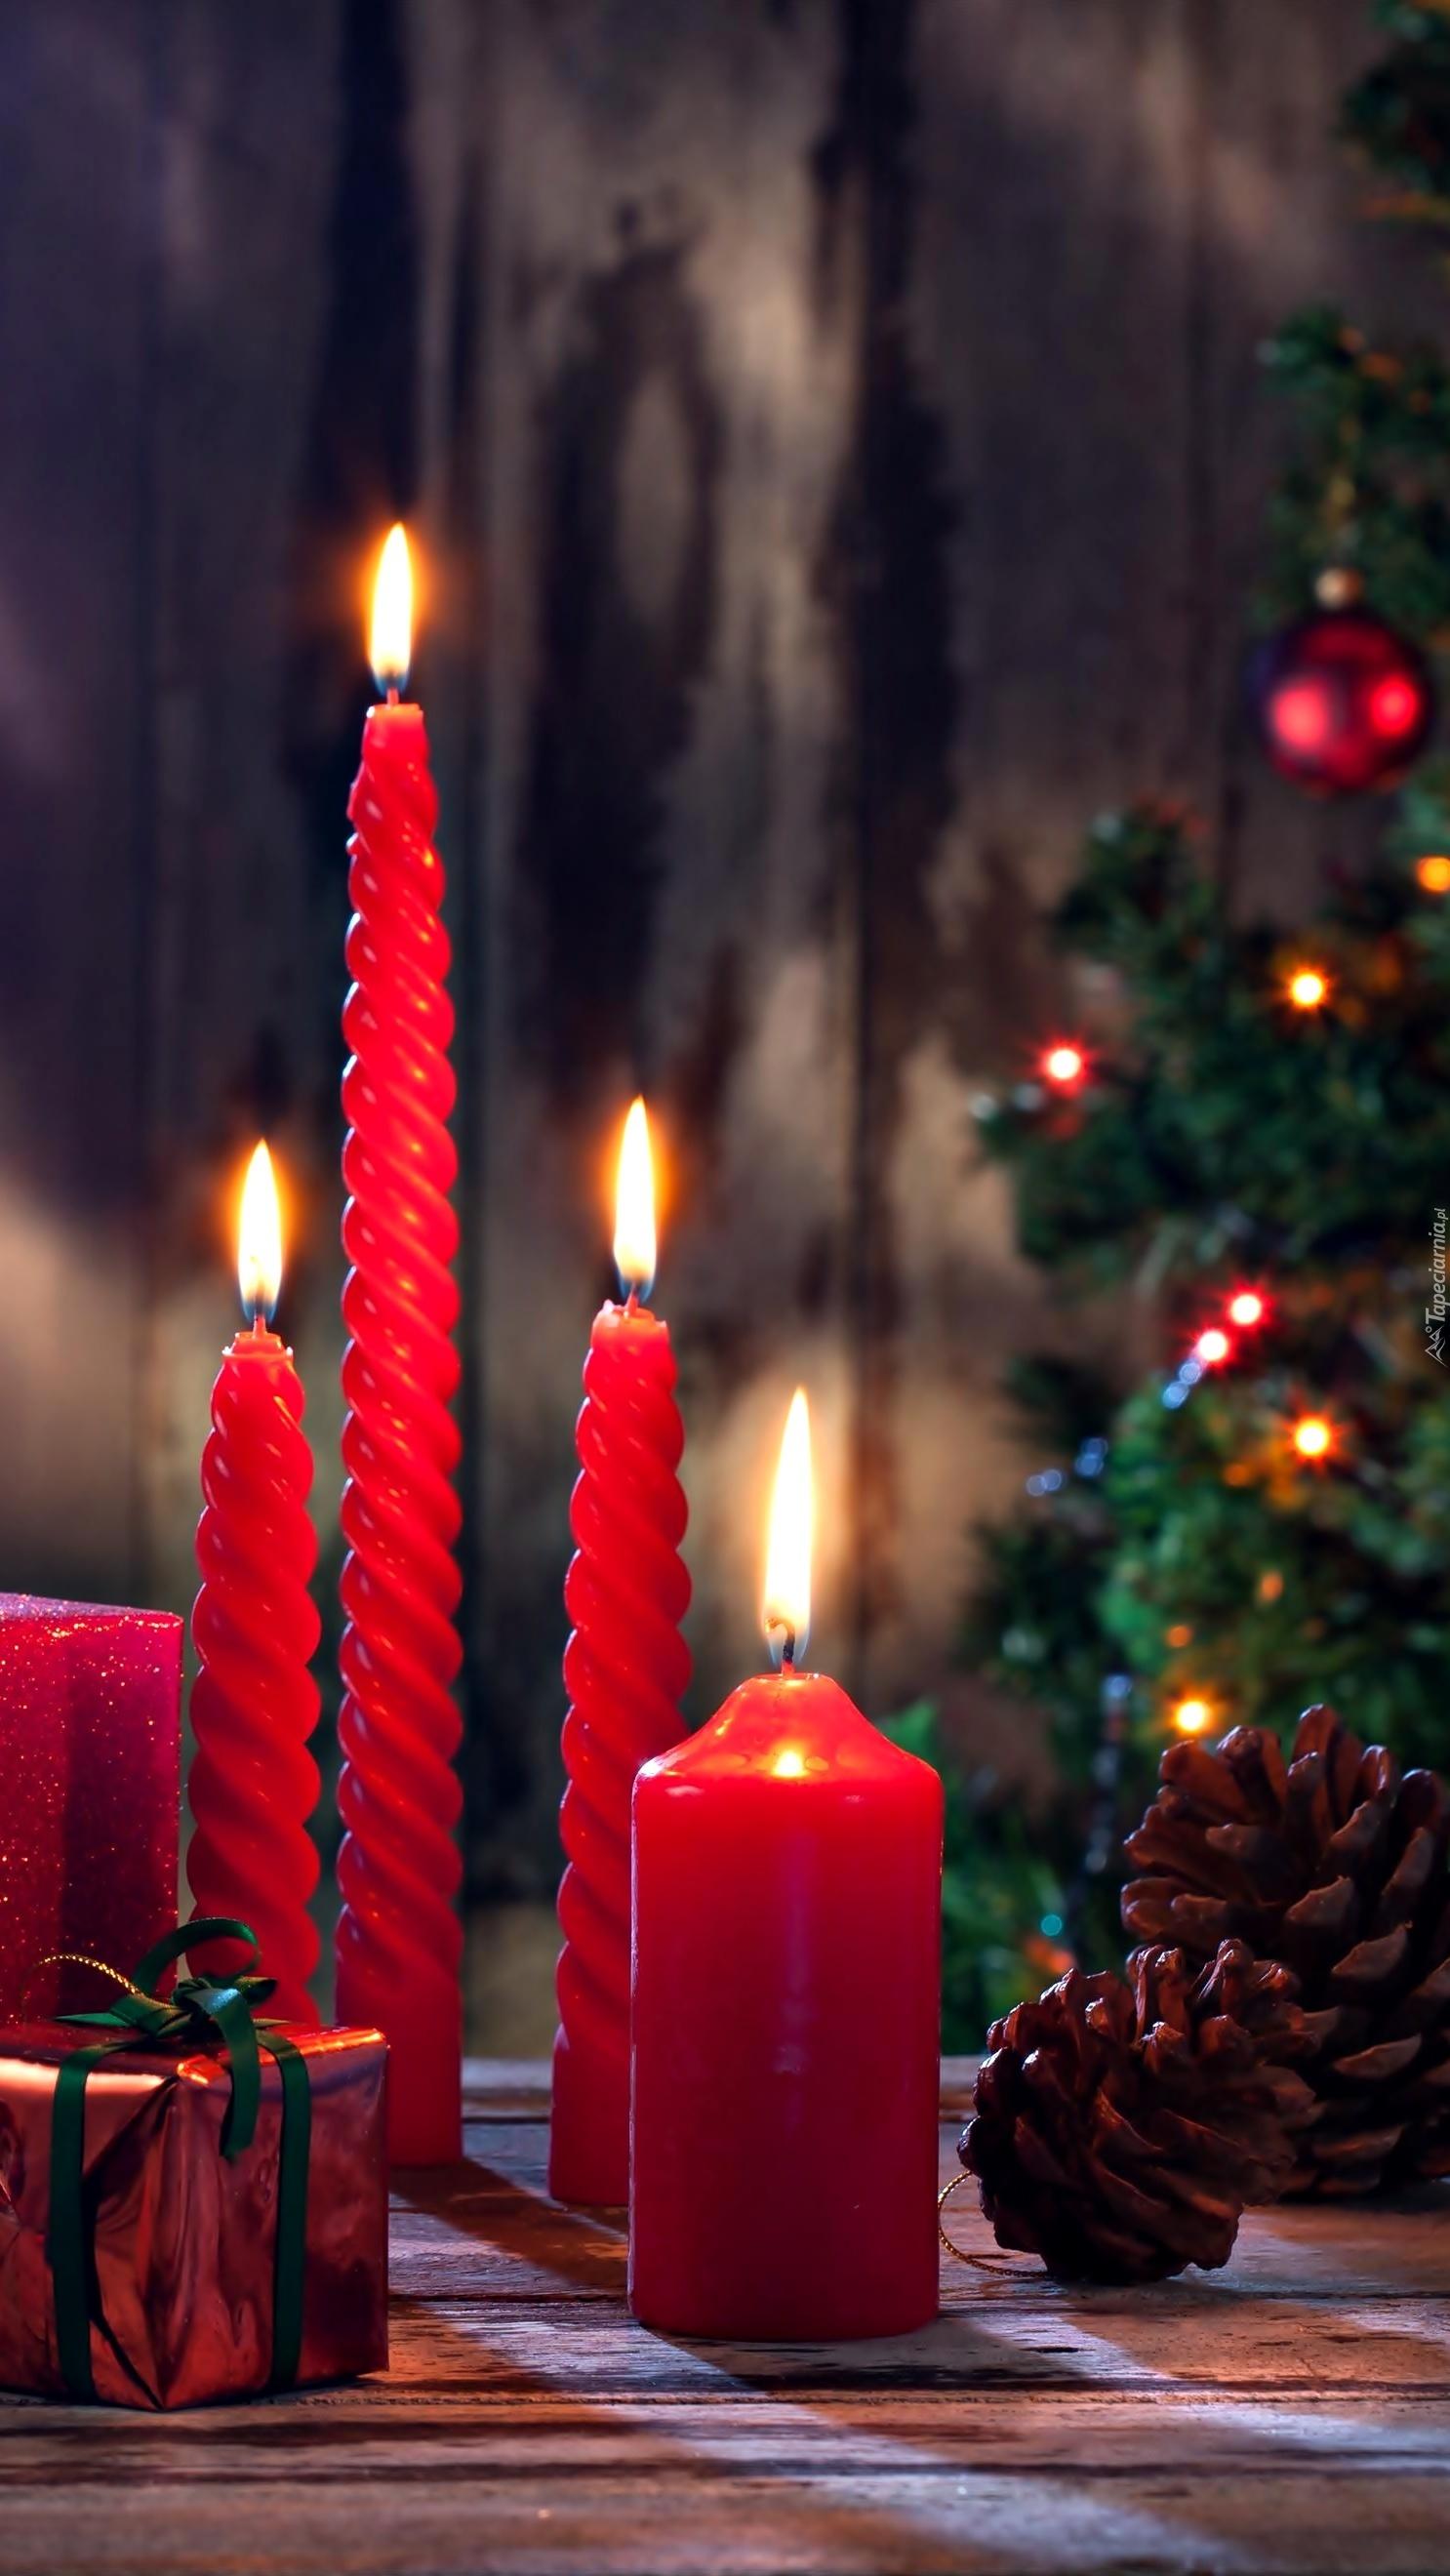 Świąteczny wieczór przy świecach